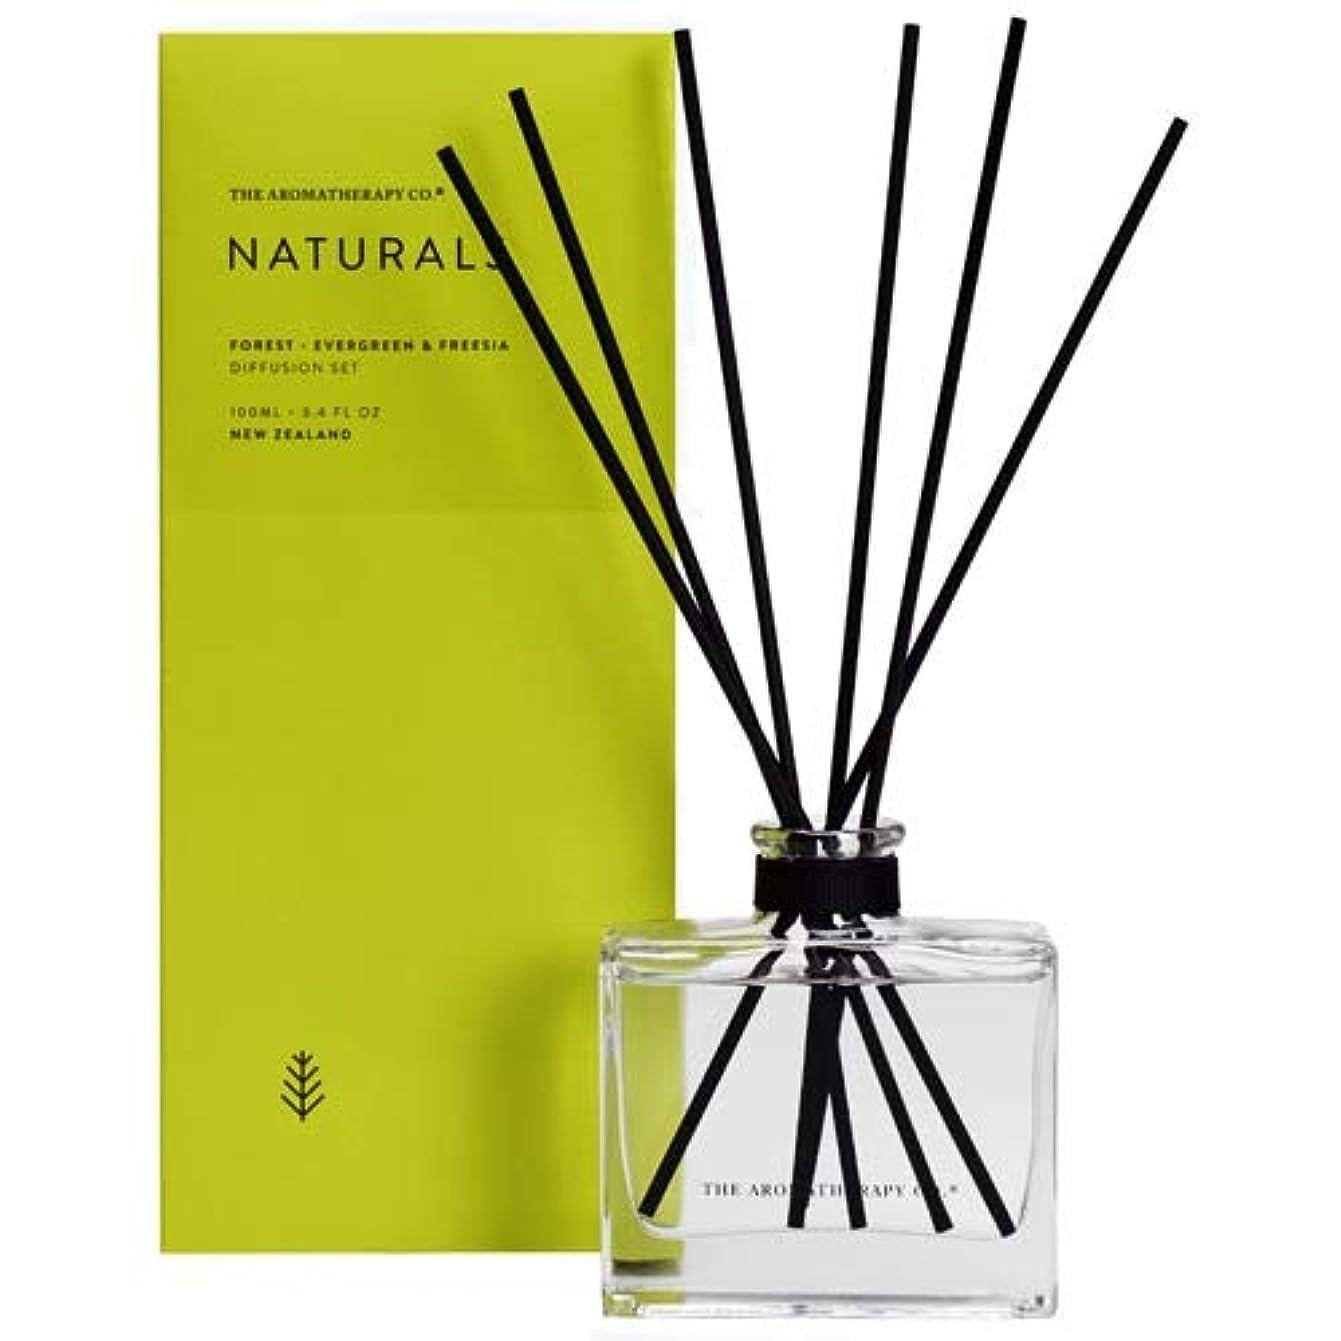 恥ずかしさ一般生理new NATURALS ナチュラルズ Diffusion Stick ディフュージョンスティック Forest フォレスト(森林)Evergreen & Freesia エバーグリーン&フリージア